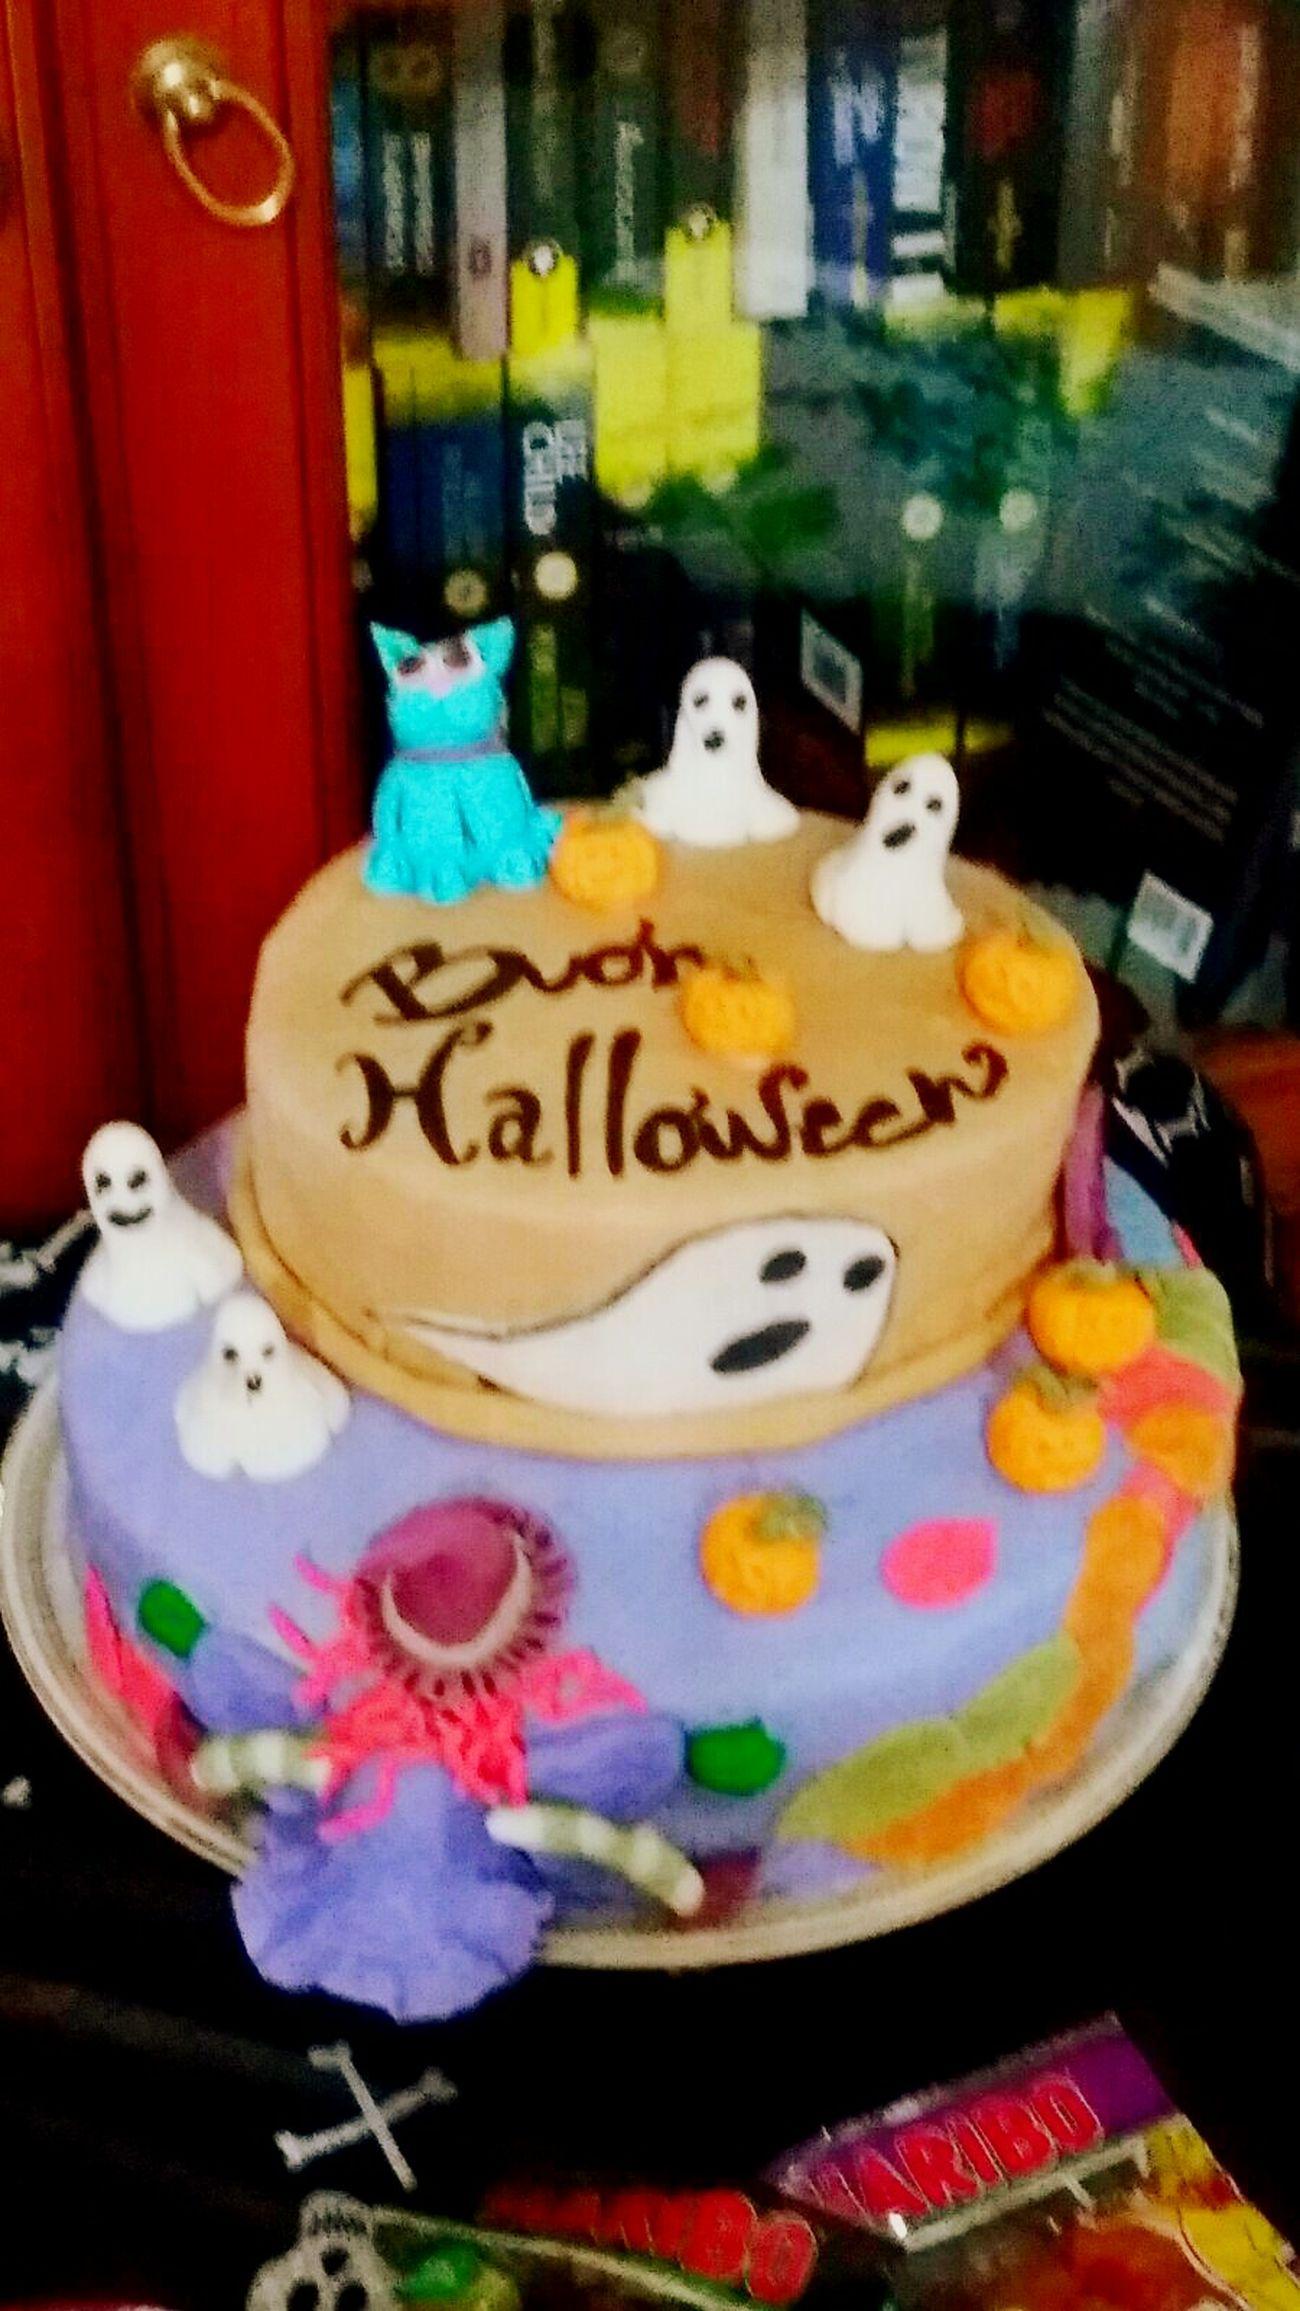 Torta fatta da me 😙 Happy Halloween Halloween2015 Halloween Halloween Cake Cake Decorator